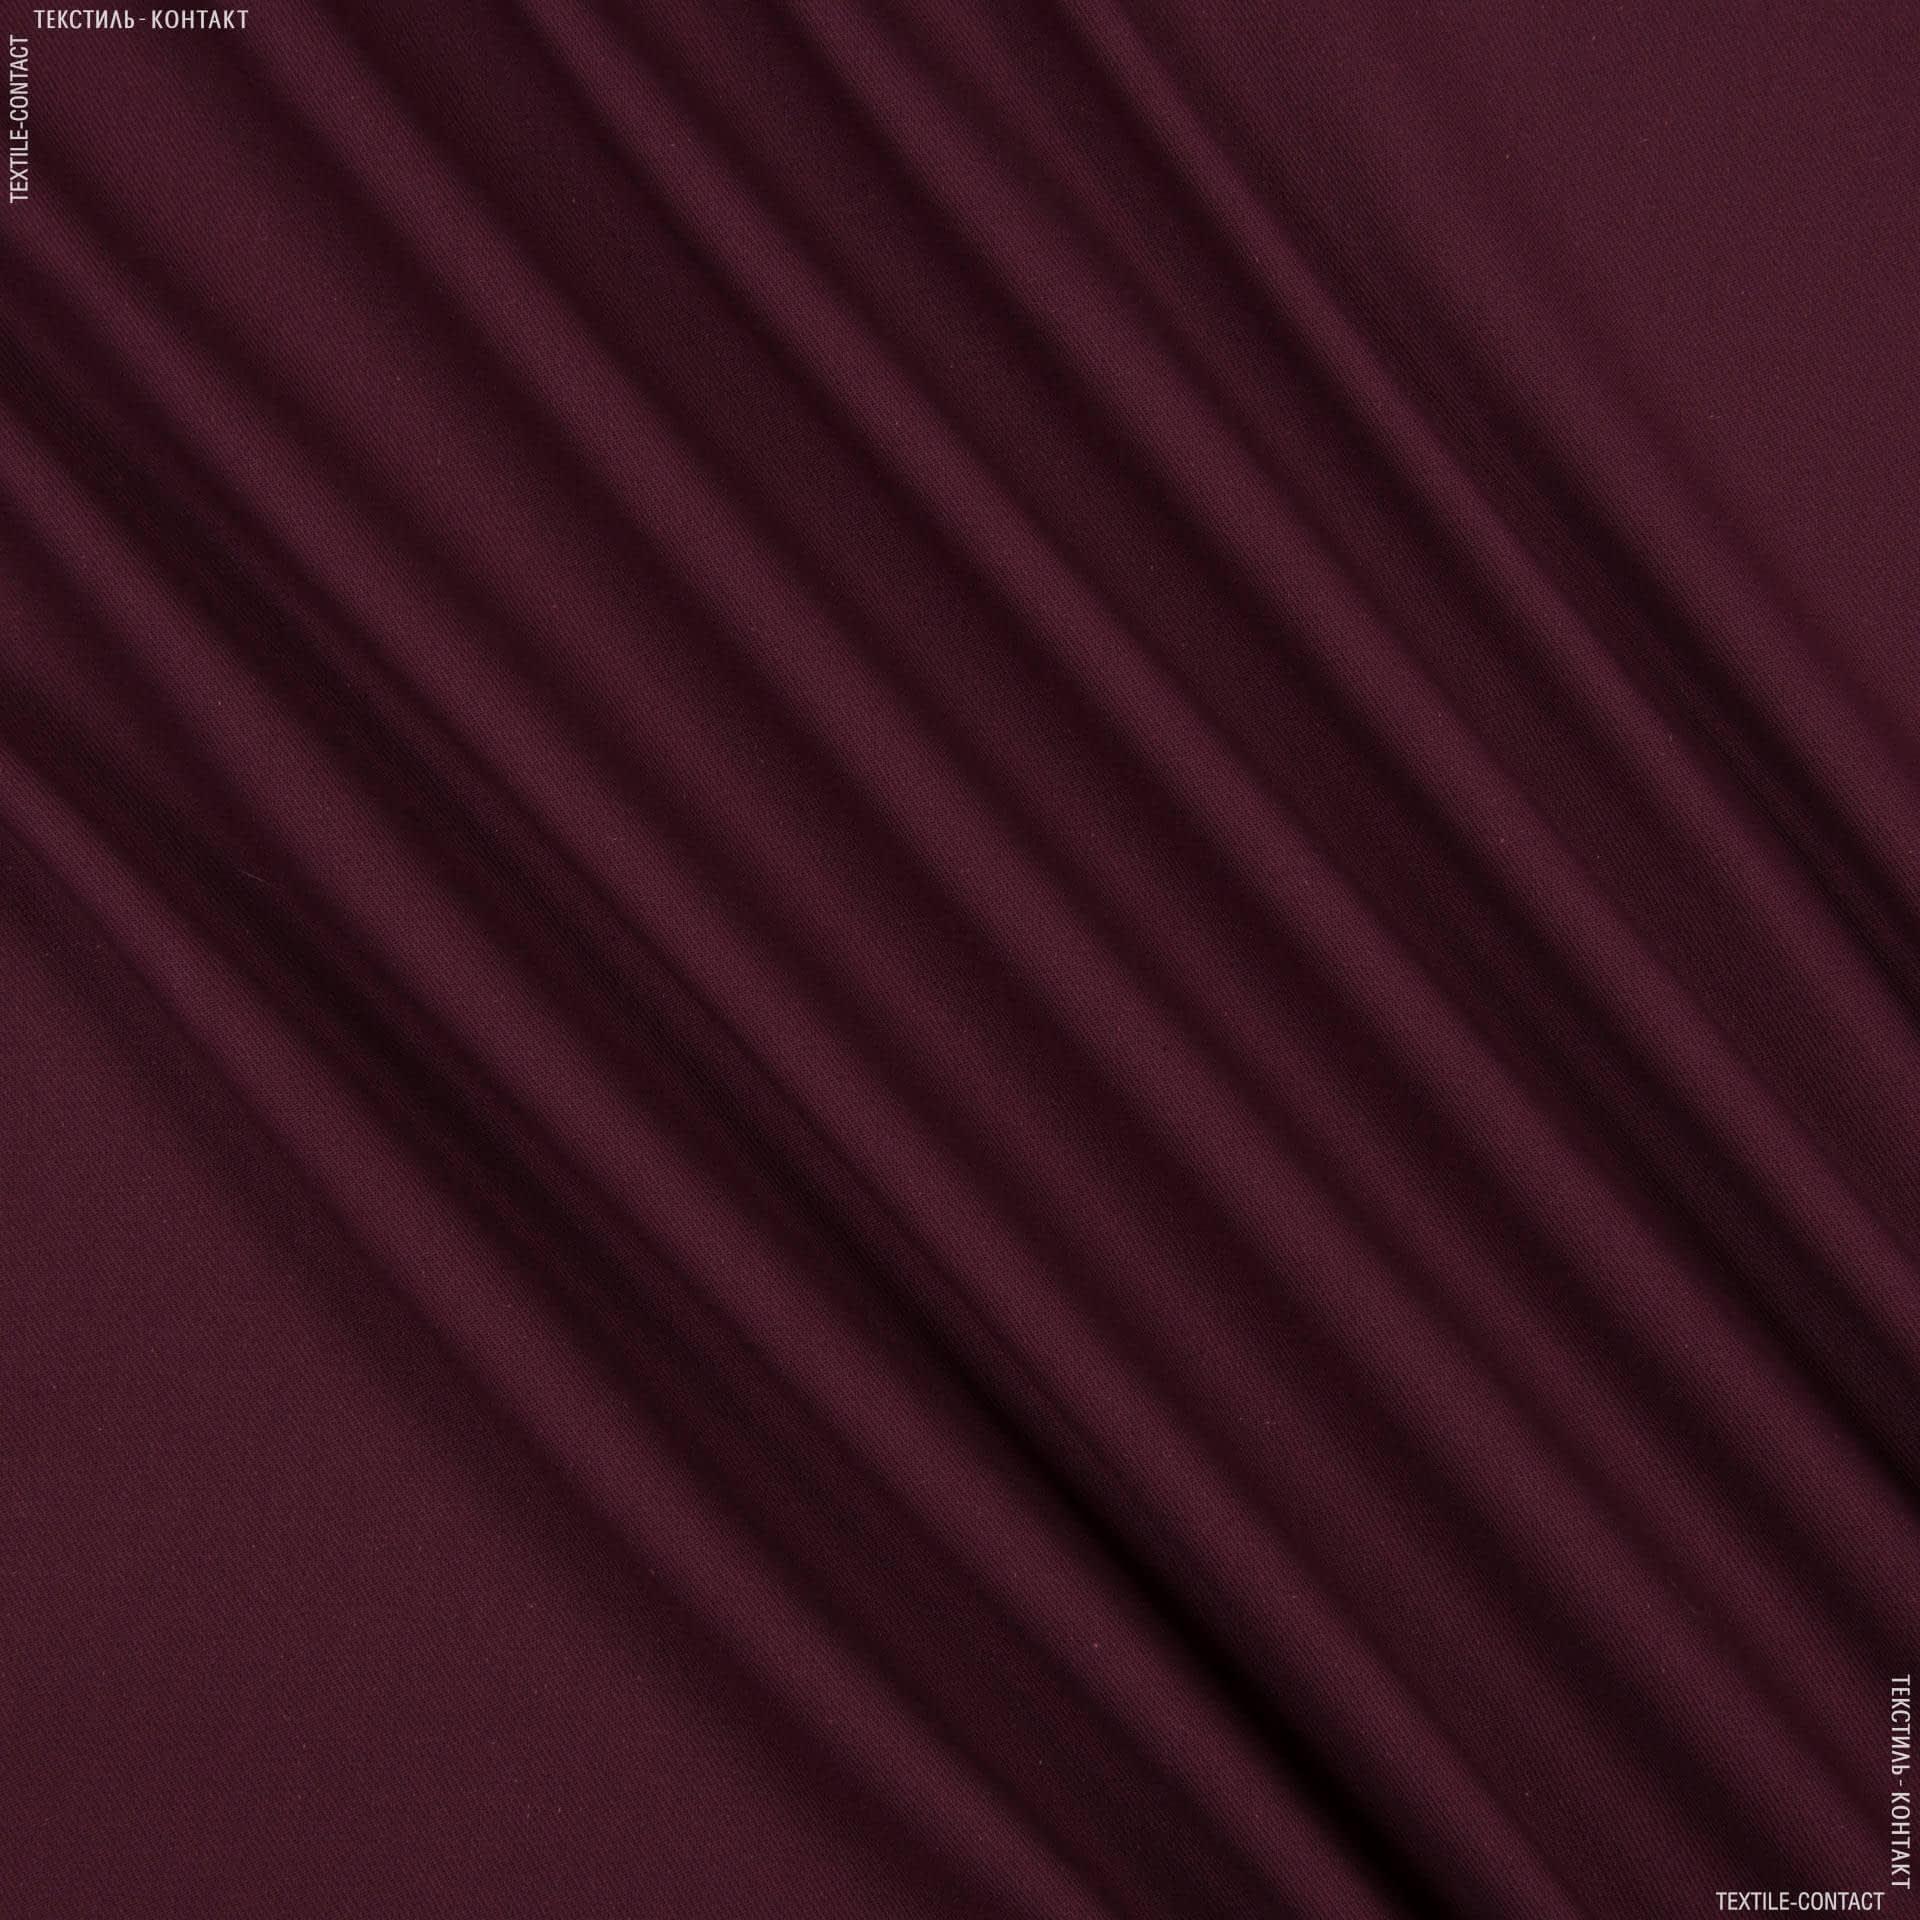 Тканини для рюкзаків - Діагональ 3025 бордо